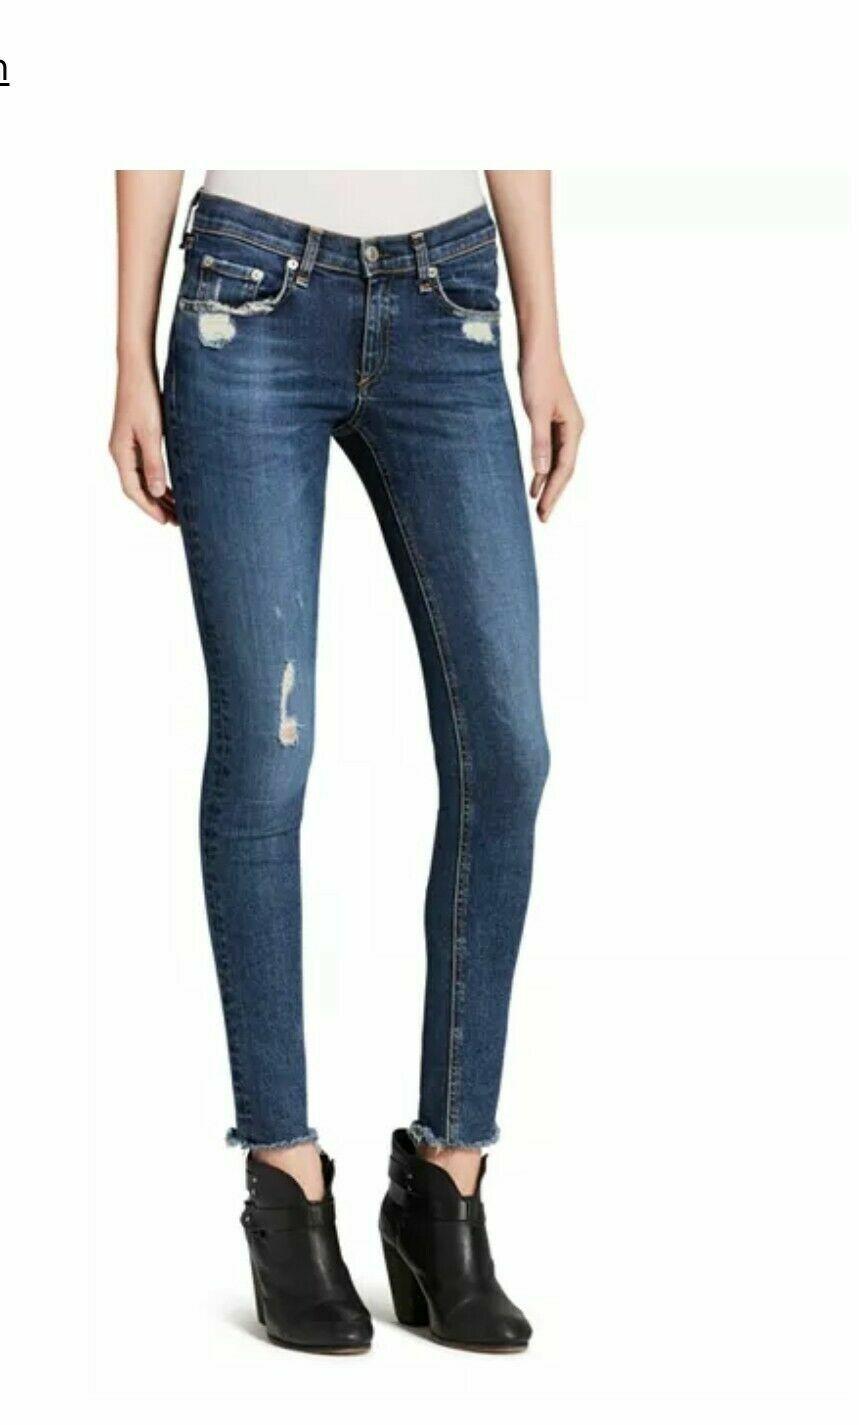 BONE  La Paz envejecido RAG & Jeans Ajustados Talla 23 Nuevo Con Etiquetas  225  costo real